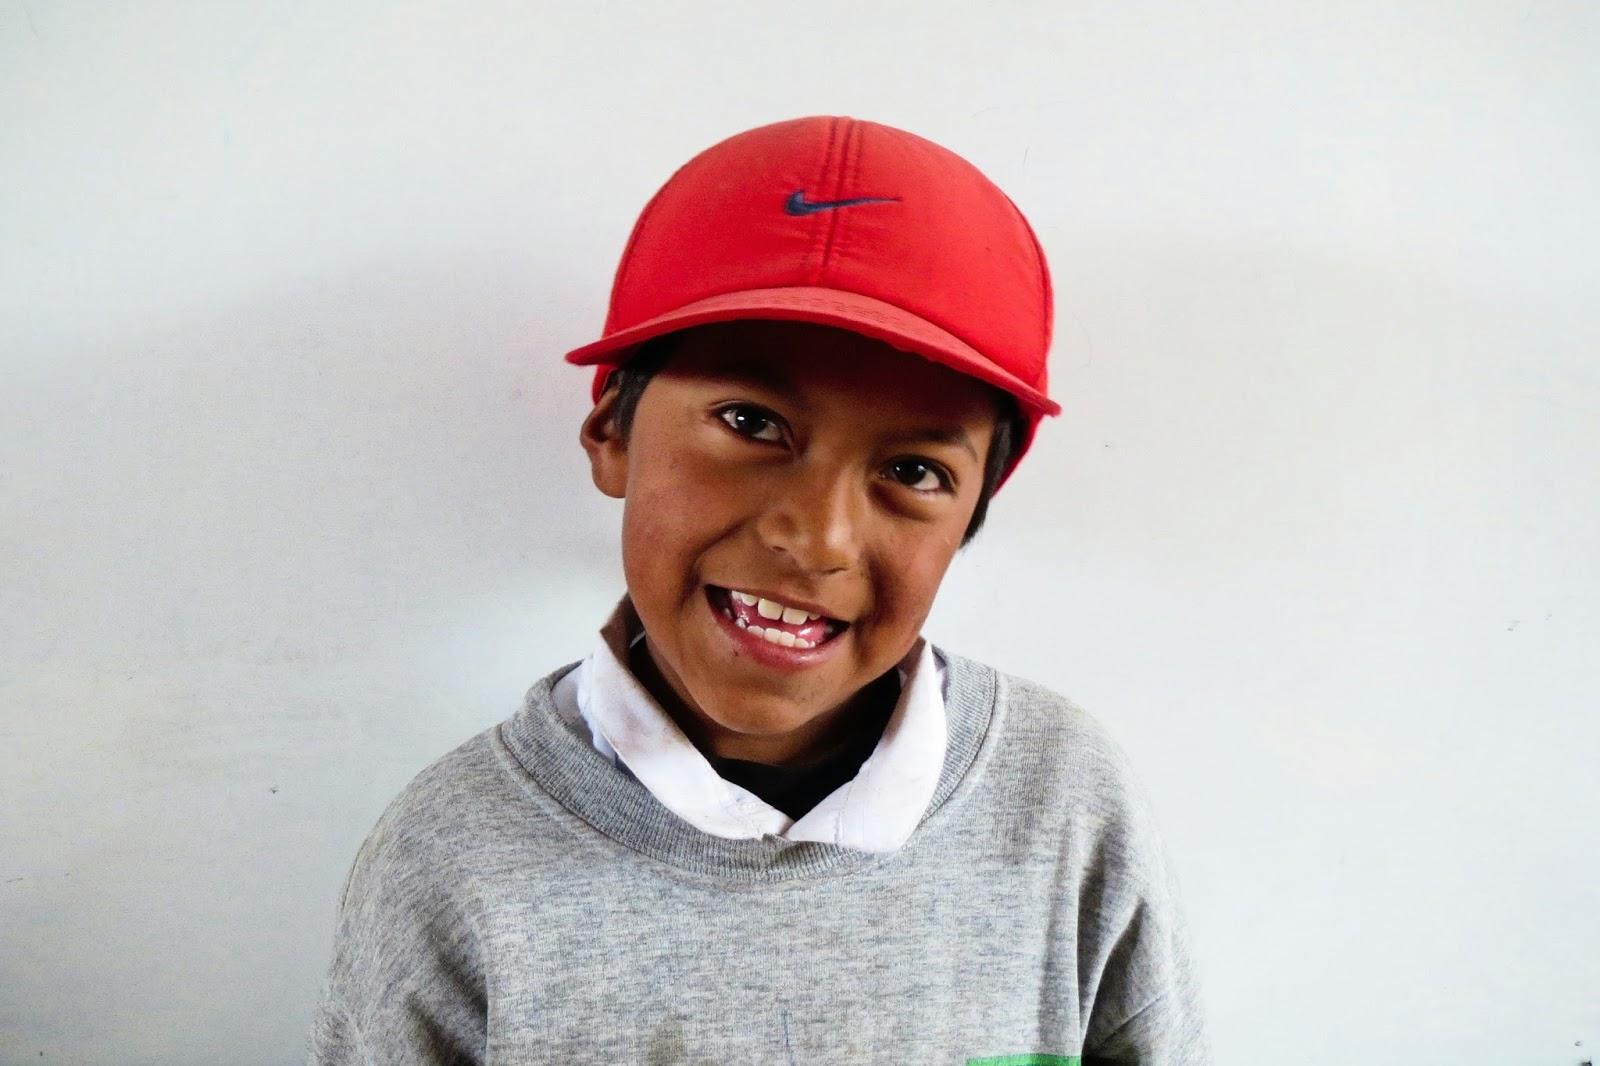 Adrian, Age 9